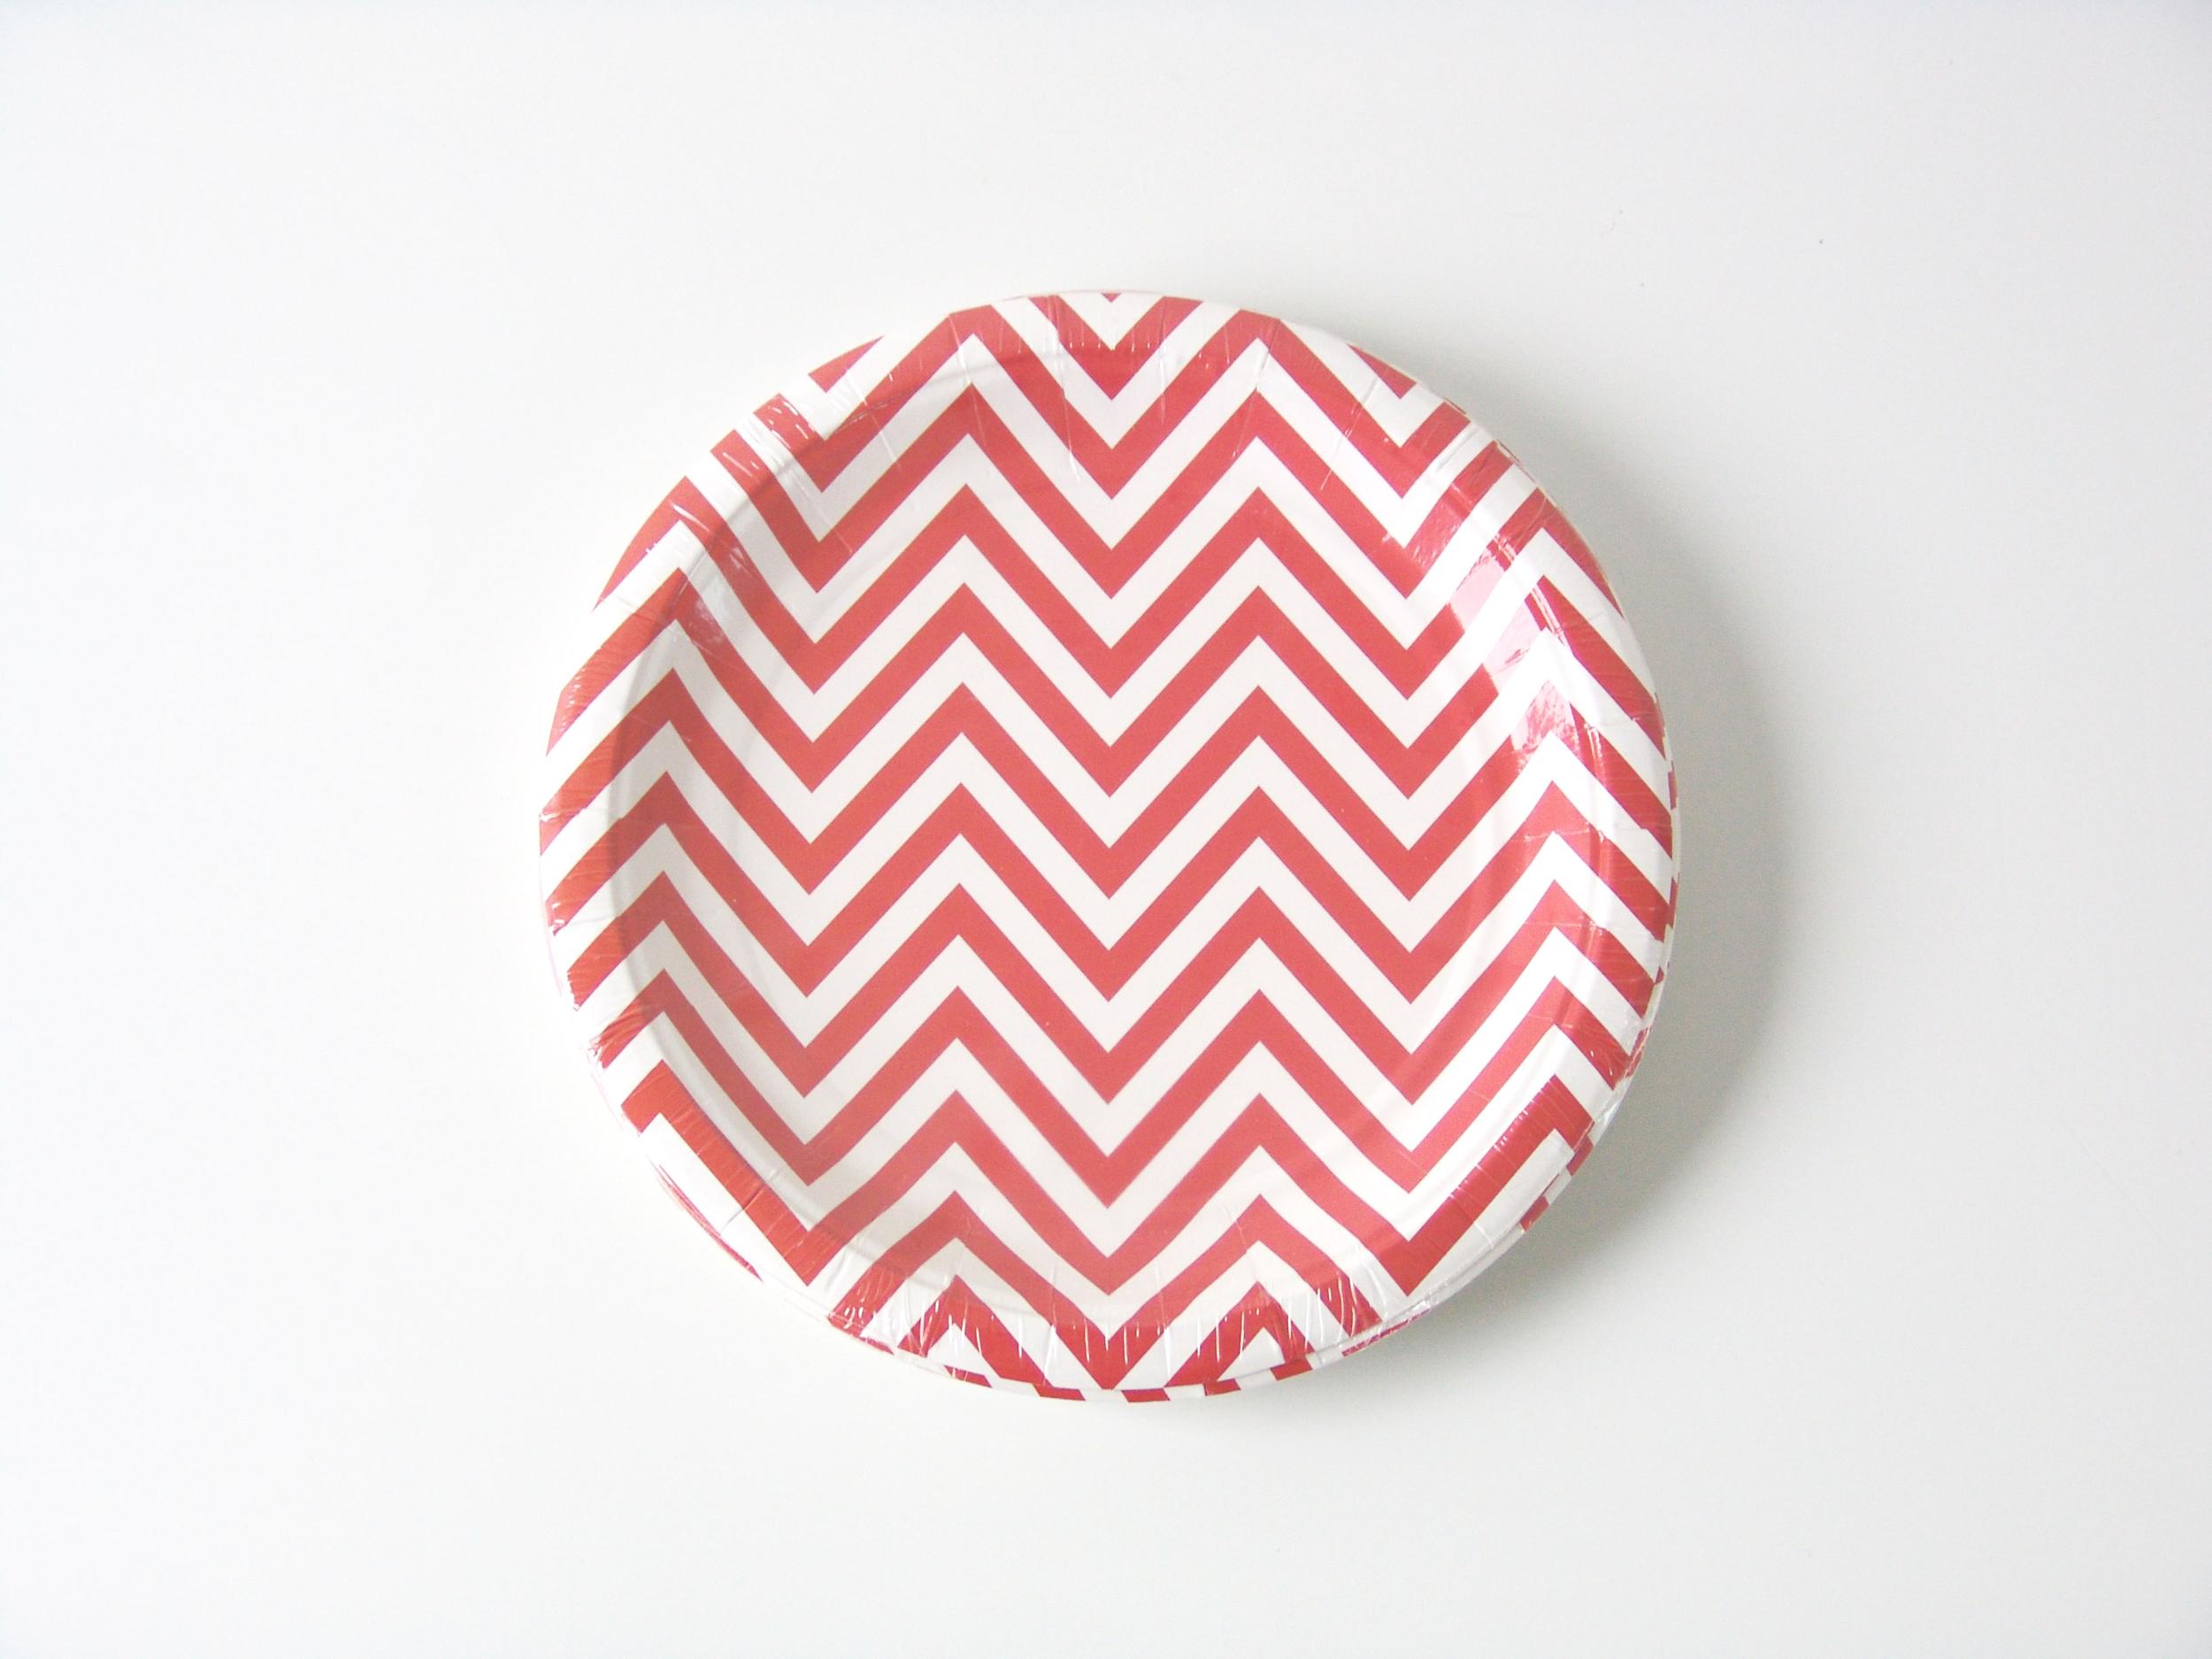 12 assiettes carton dessert chevron